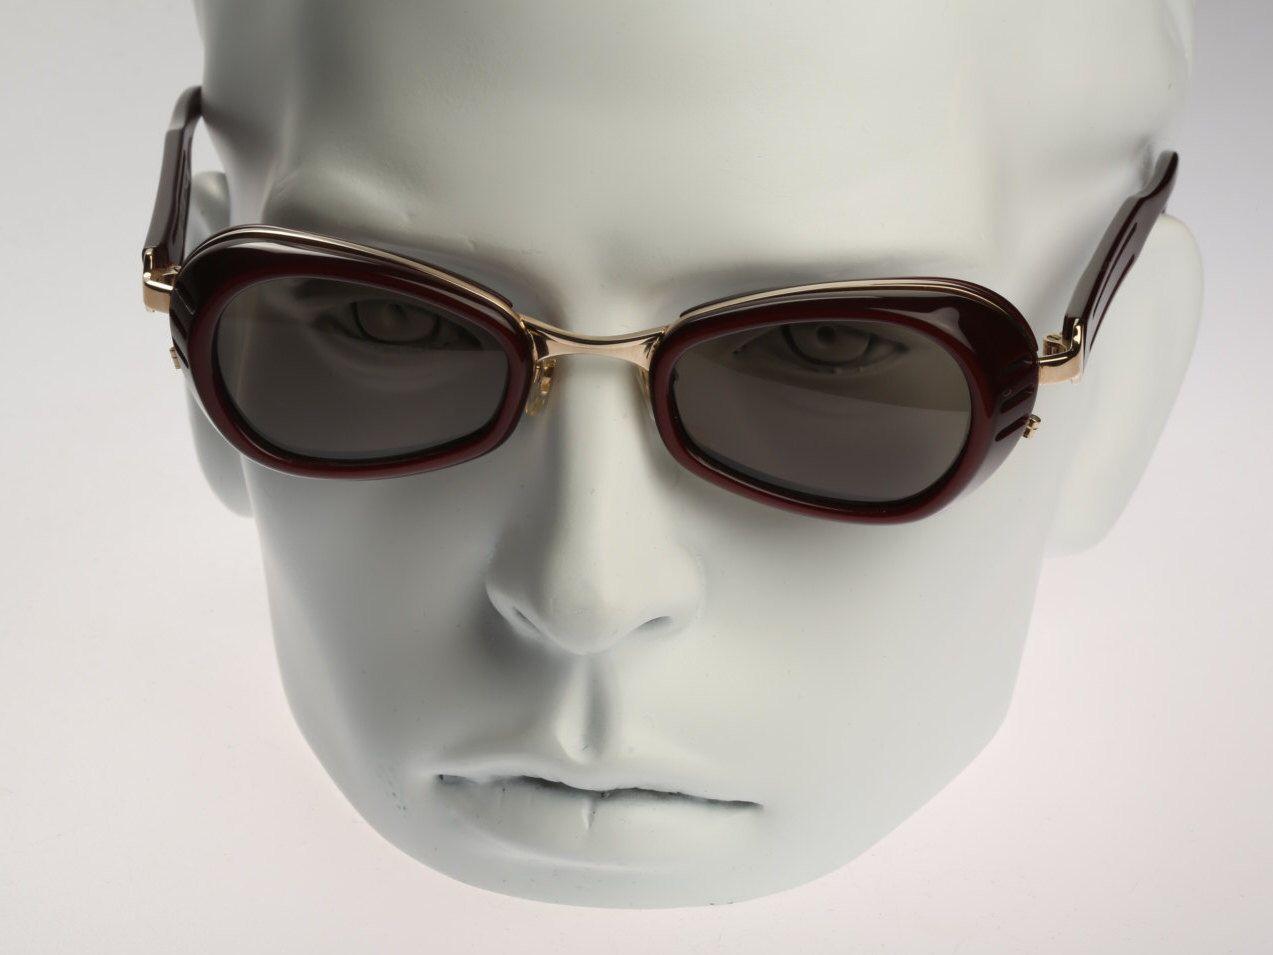 Matsuda 10616 / Vintage Sonnenbrillen / NOS / 90er Jahre elegante ...